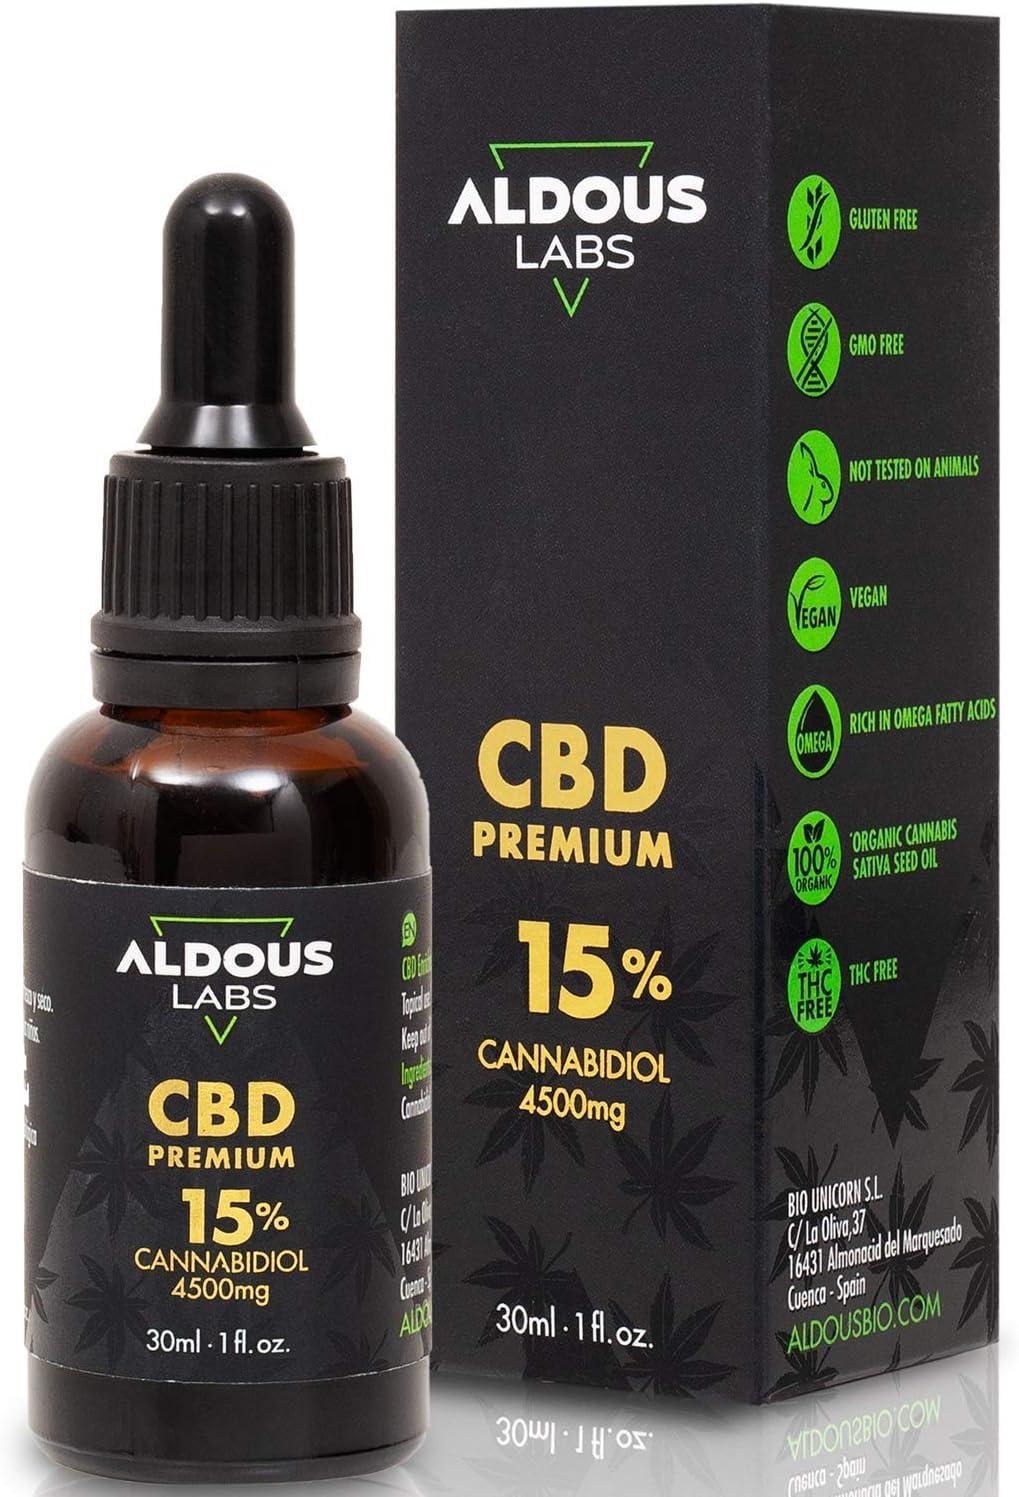 Auténtico CBD Oil 15% | Aceite de Cáñamo Bio enriquecido con 15% CBD | 30ml - 1200 gotas Aceite CBD Premium | Ayuda a reducir estrés, ansiedad y dolor | Hemp Oil con 4500mg de Cannabidiol | 0% THC